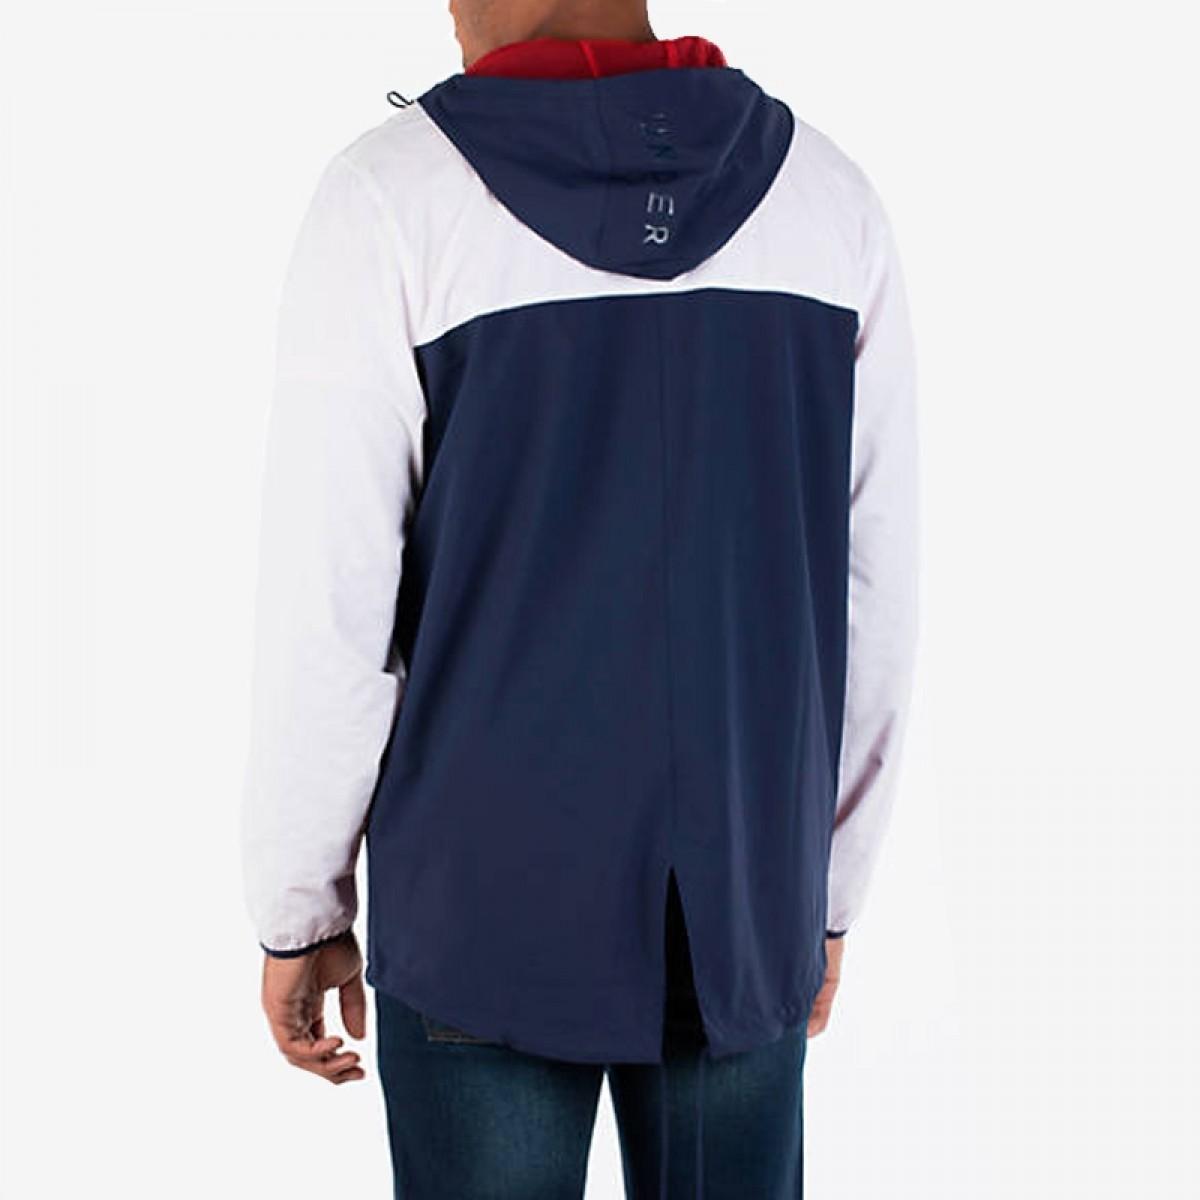 UA Fish Tail Jacket 'USA' 1299147-100